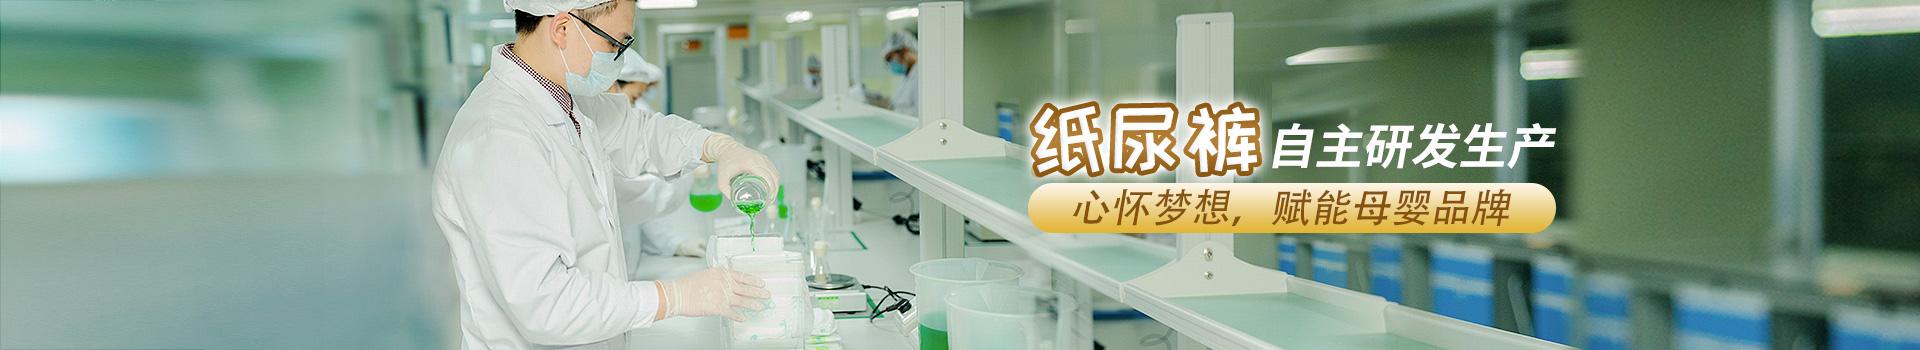 广东邦宝护理—纸尿裤研发生产厂家